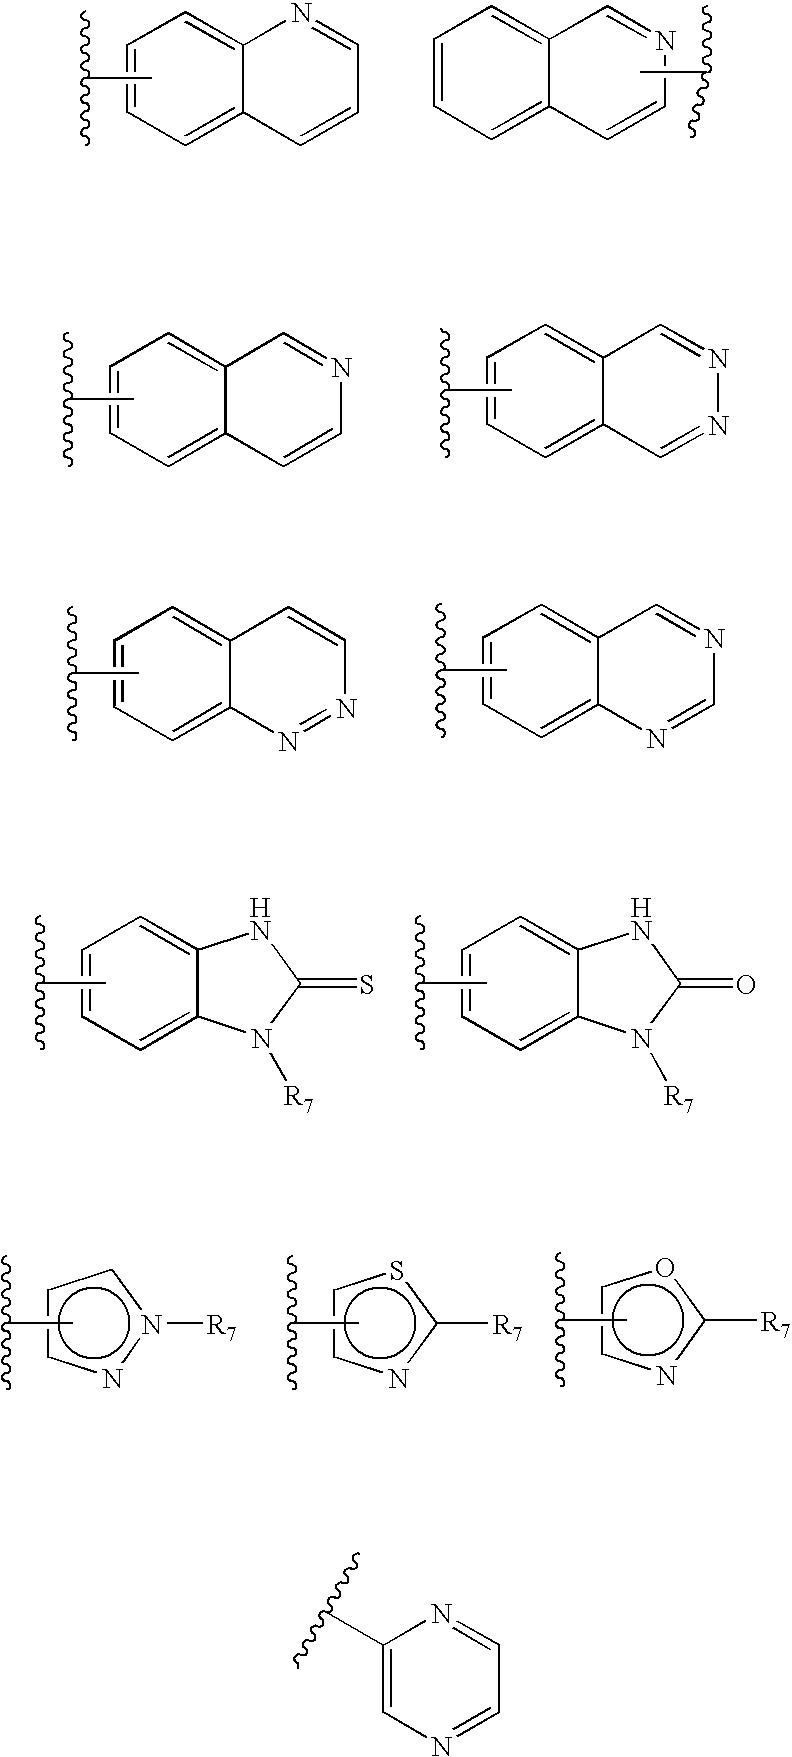 Figure US20060189617A1-20060824-C00003